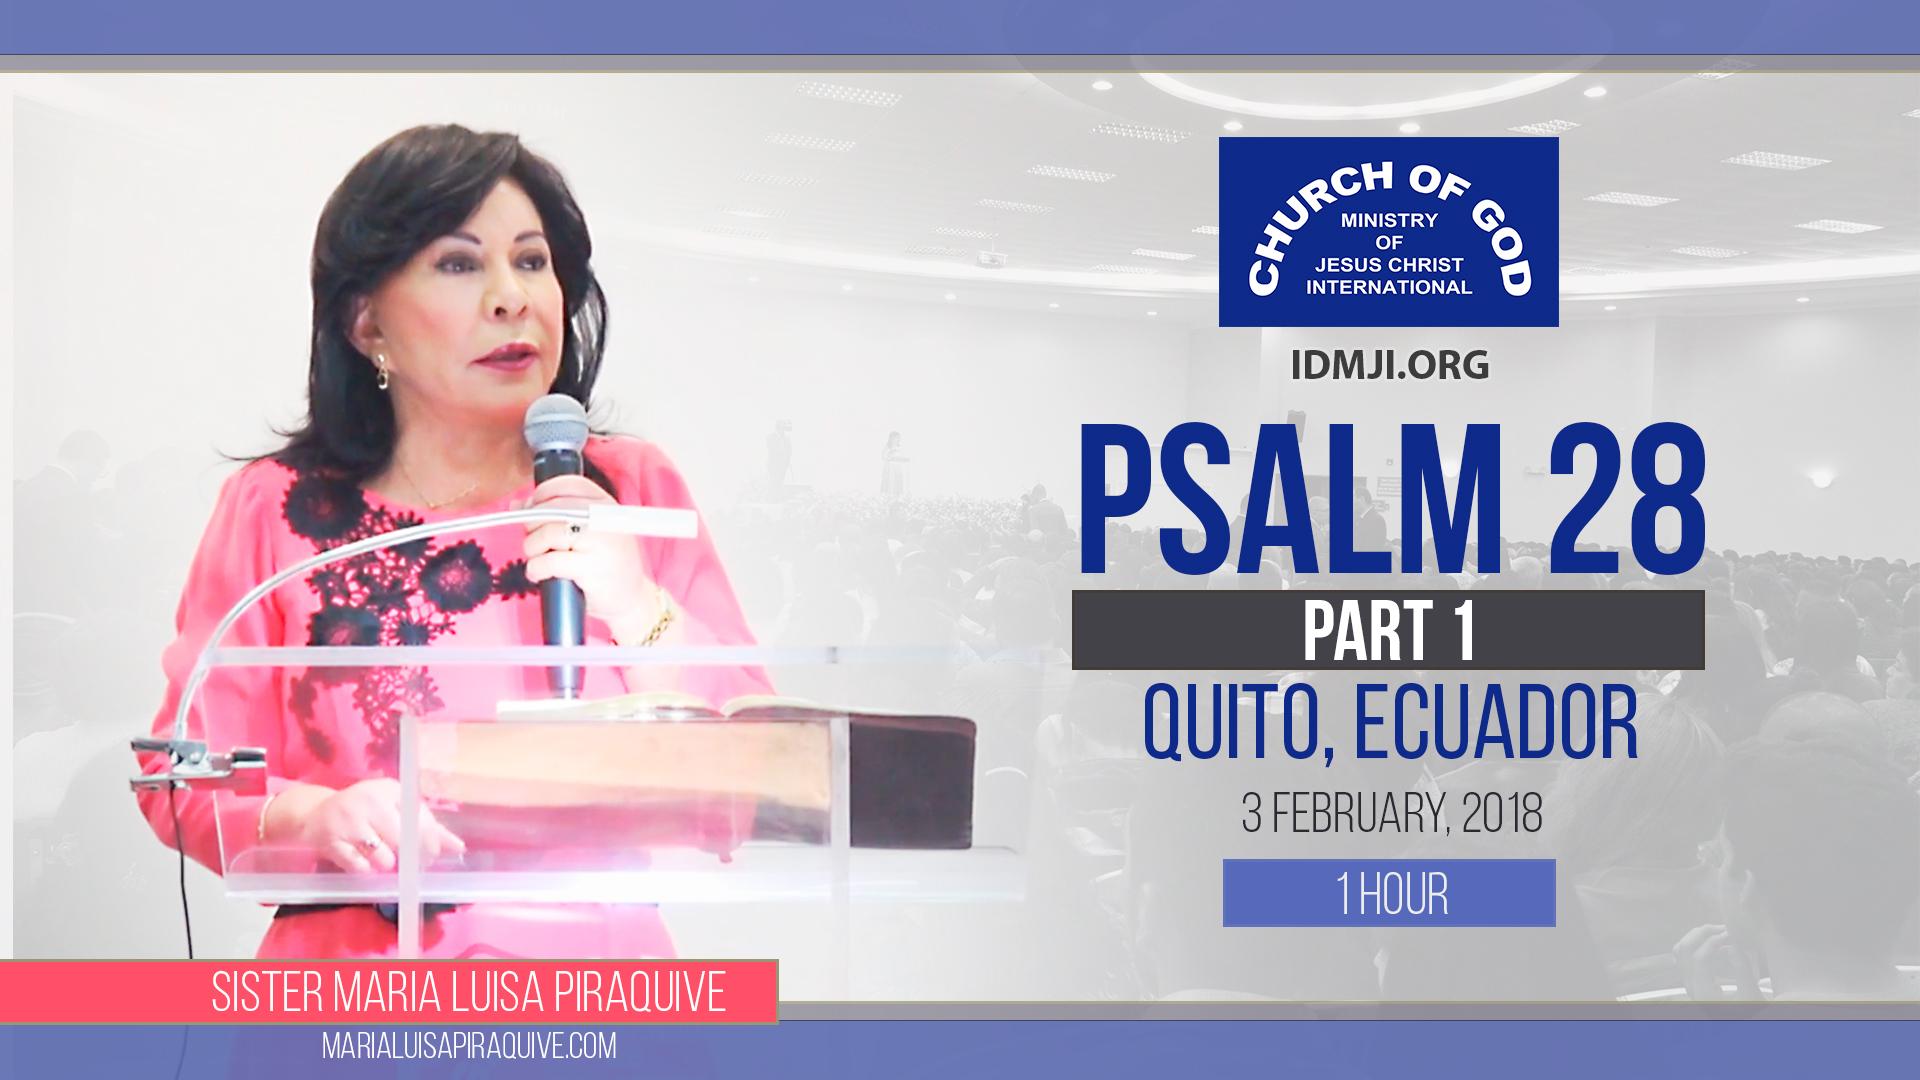 Psalm 28, Part 1